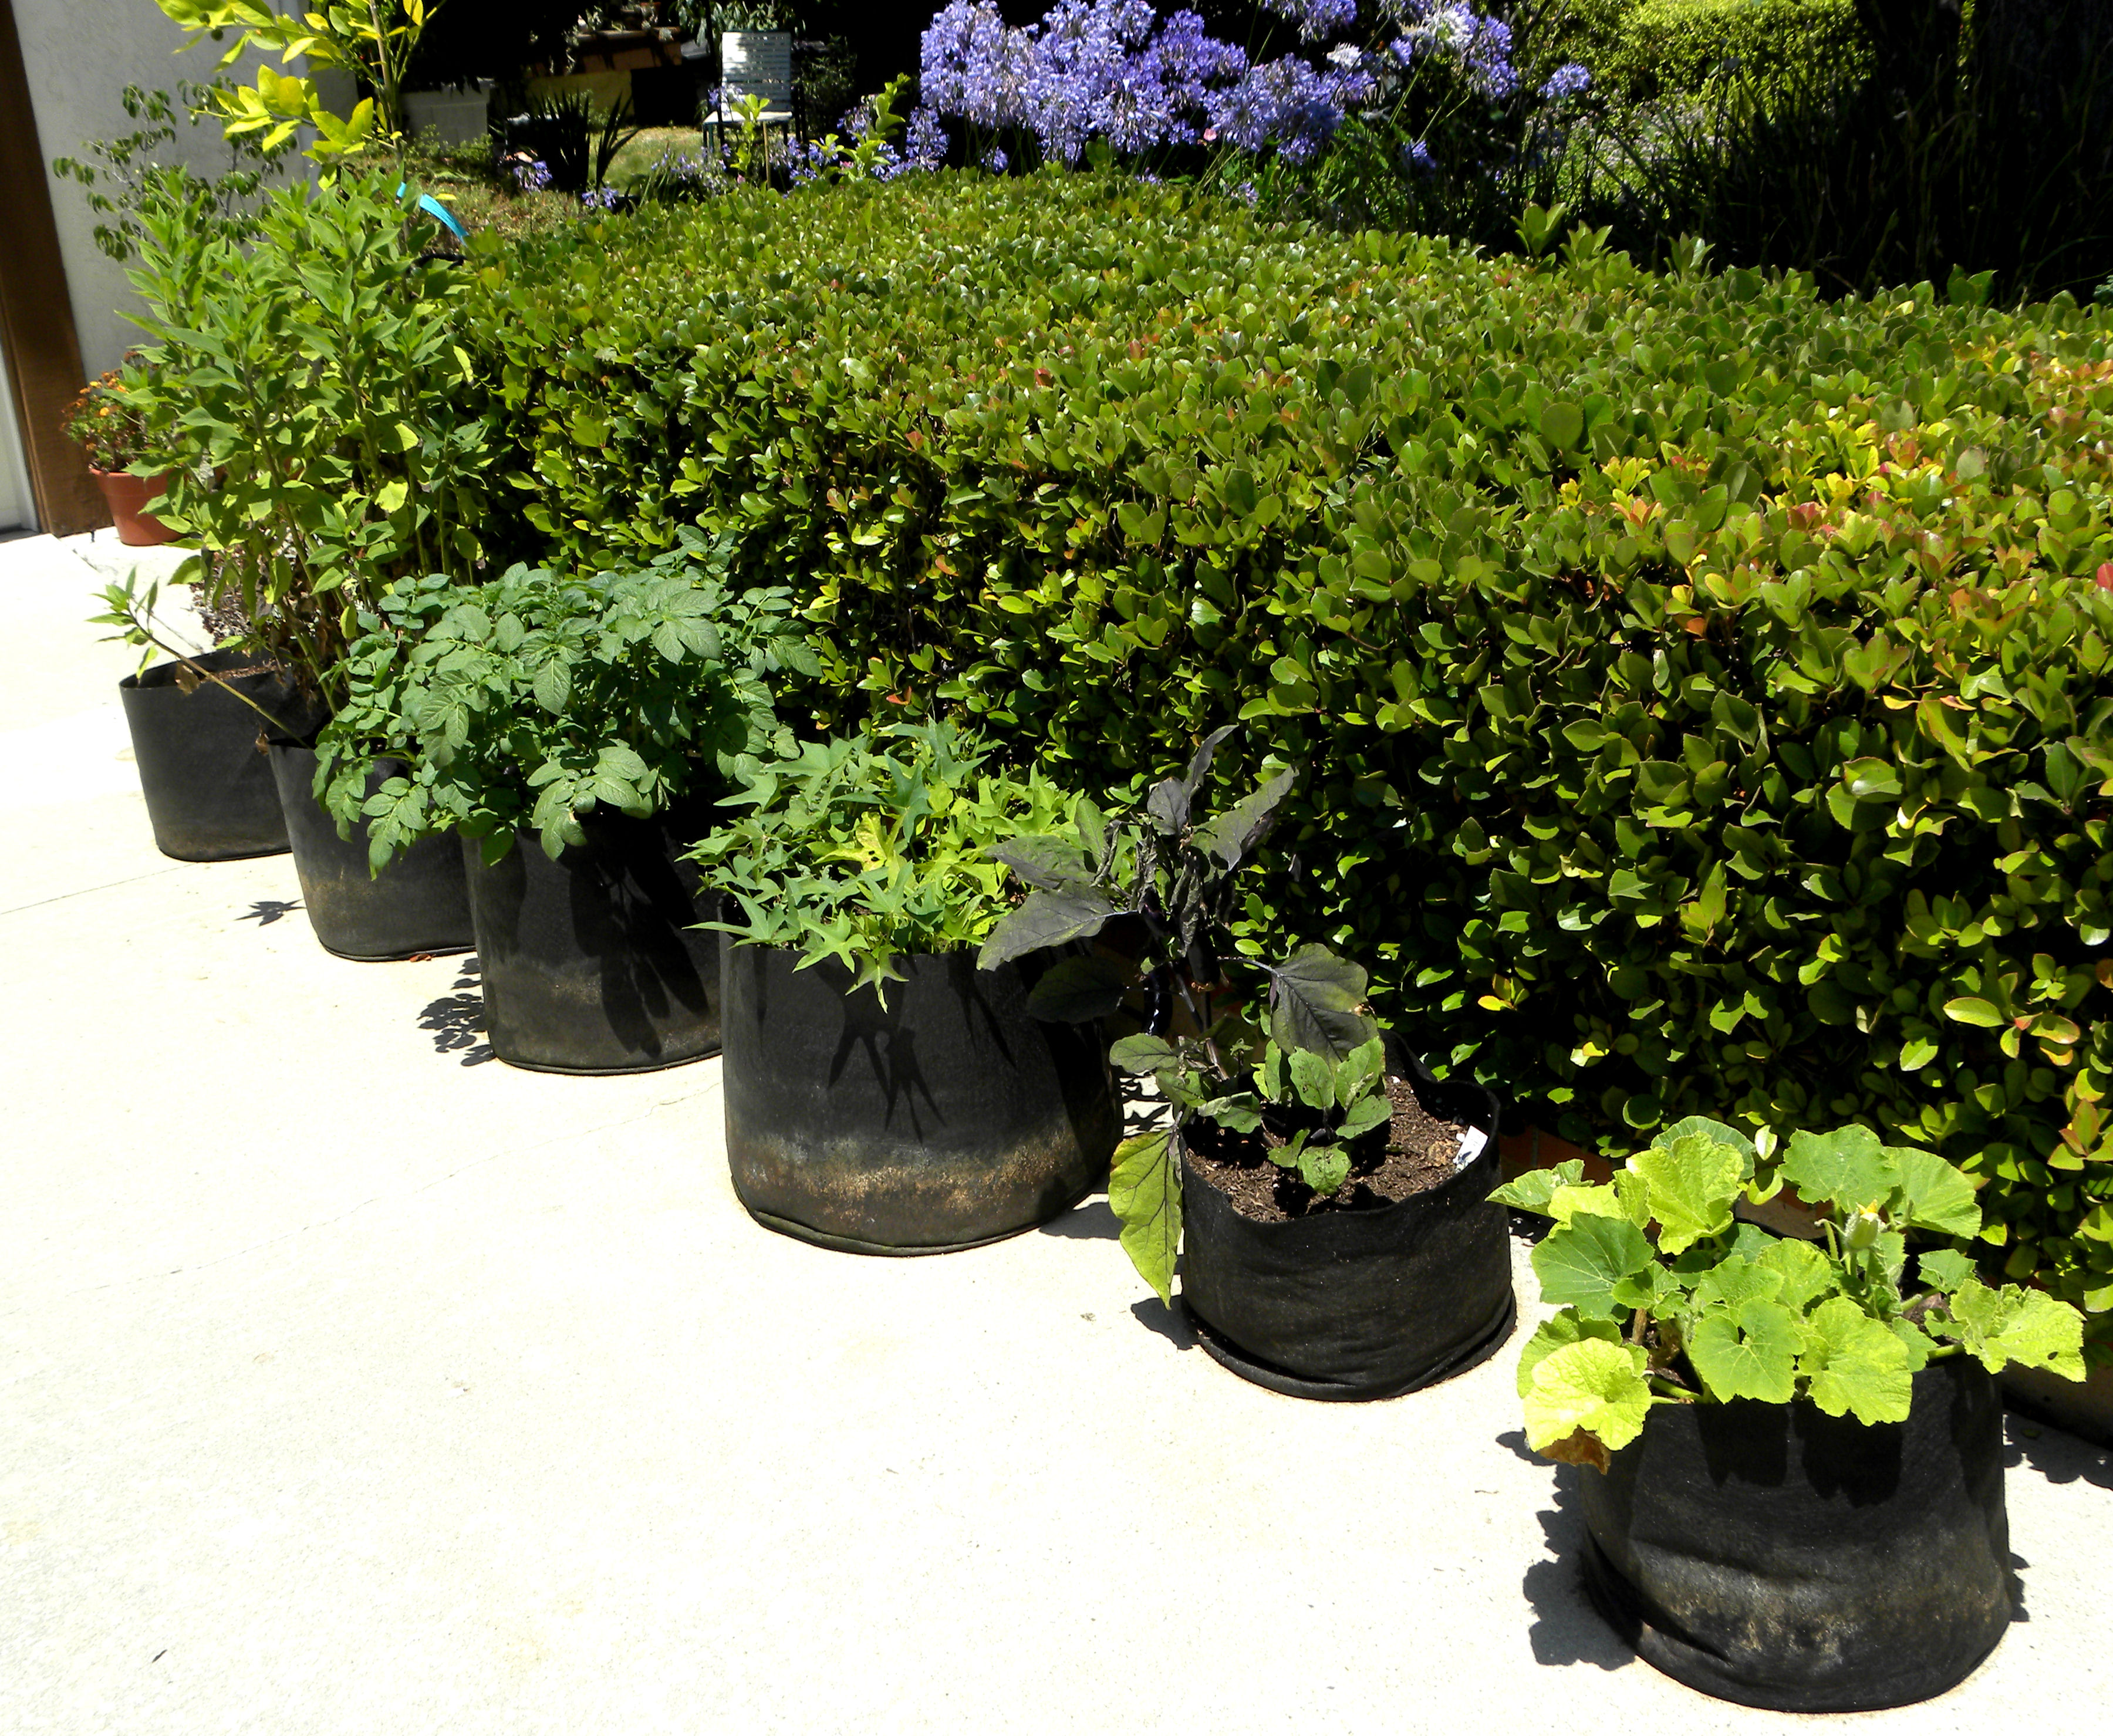 Green Smart Pots Growing in Smart Pots